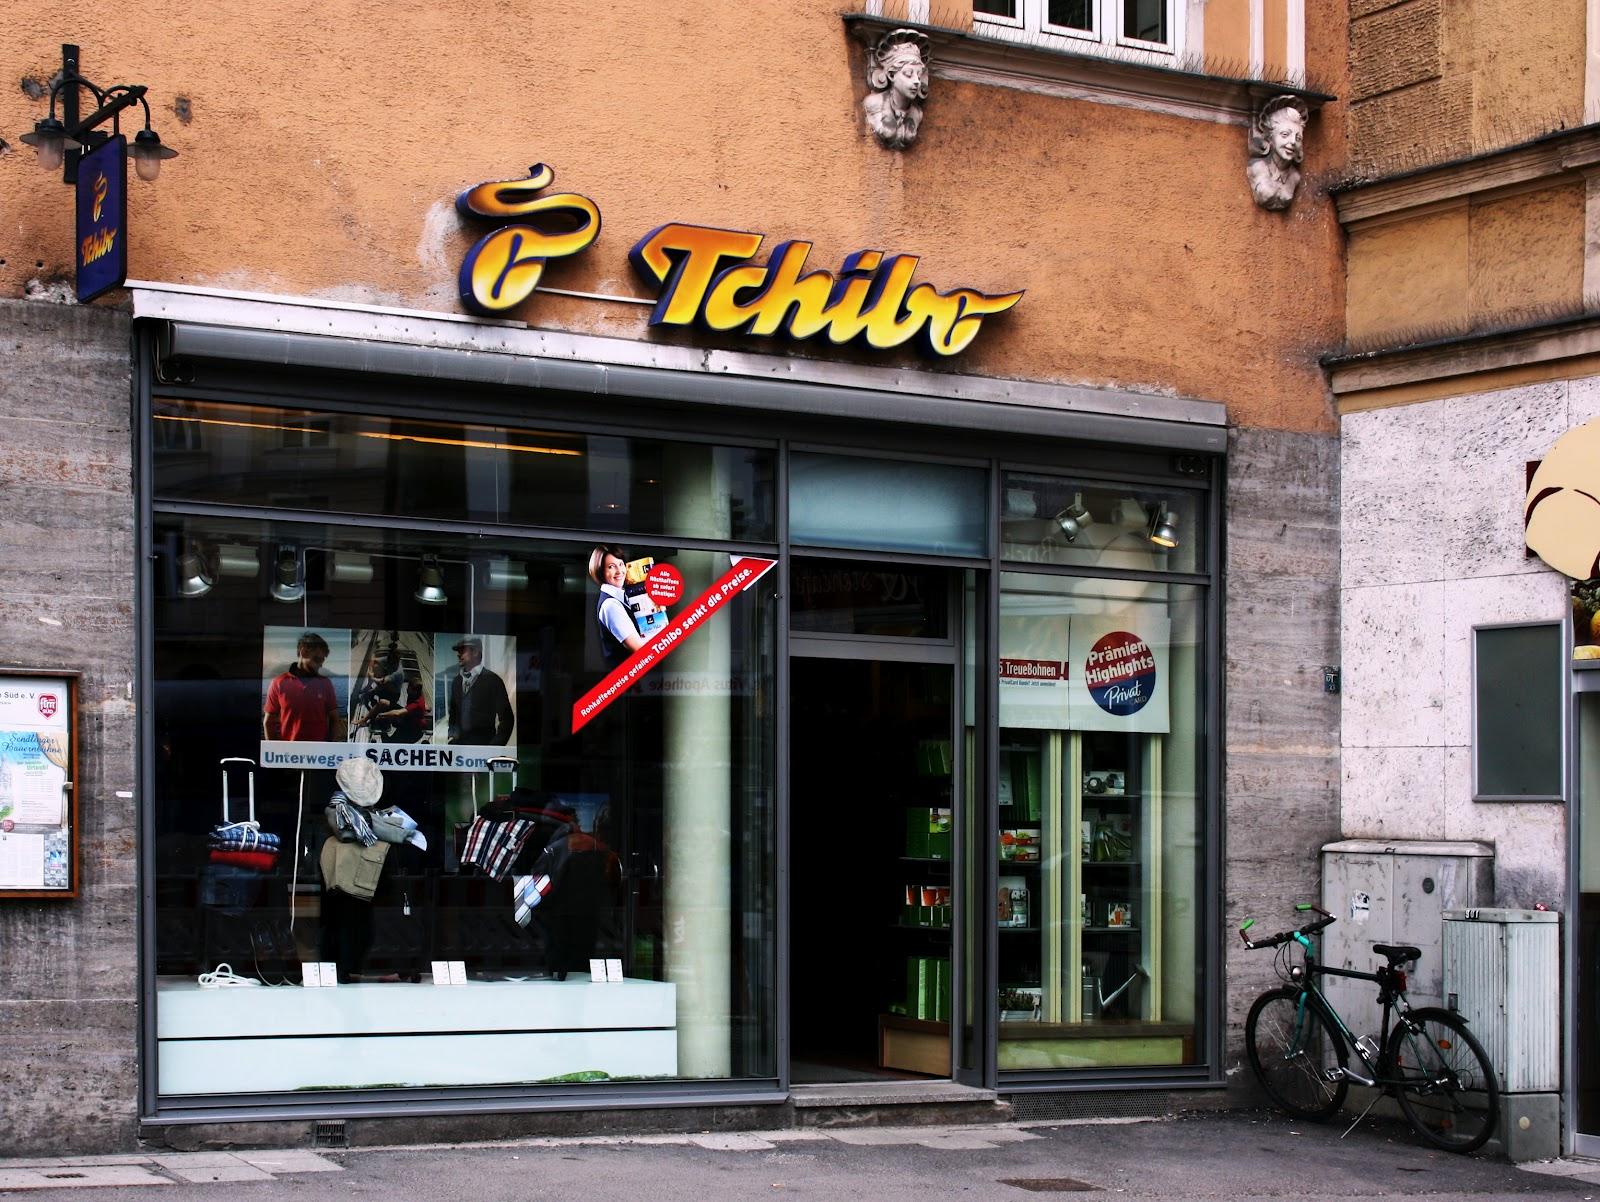 Tdchibo